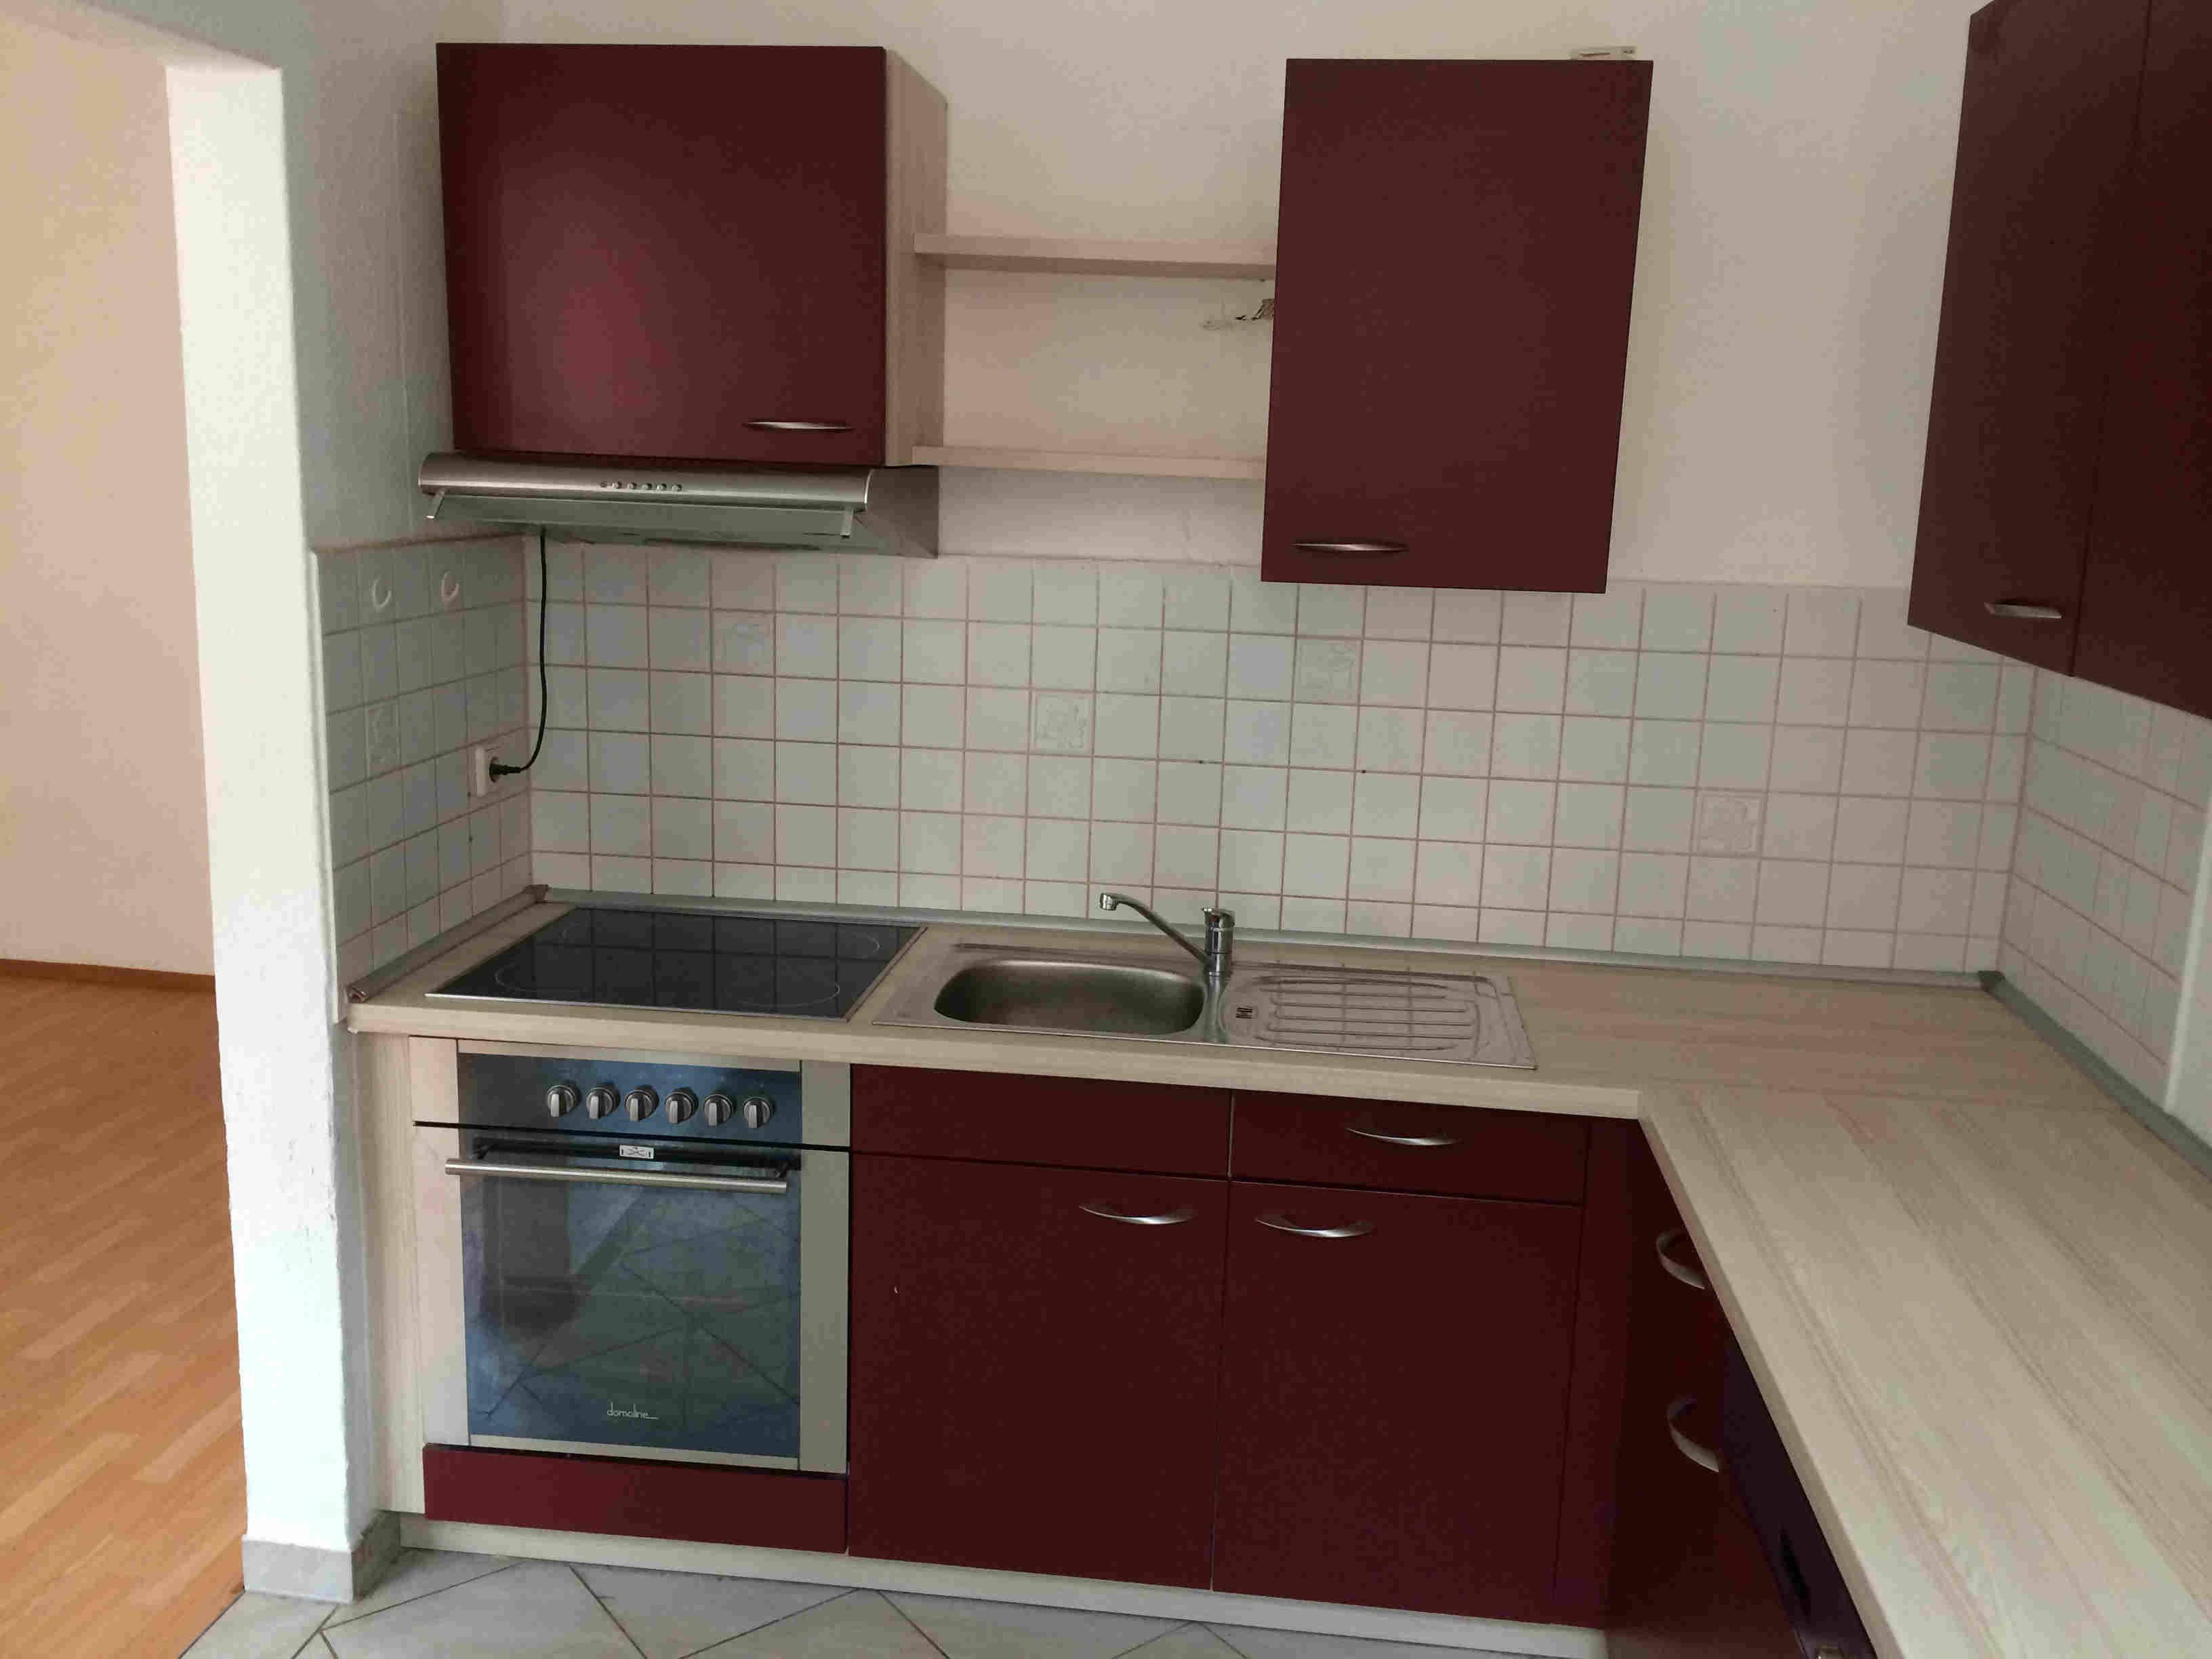 Küche In Mietwohnung Einbauen Klimaanlage Einbauen Kosten